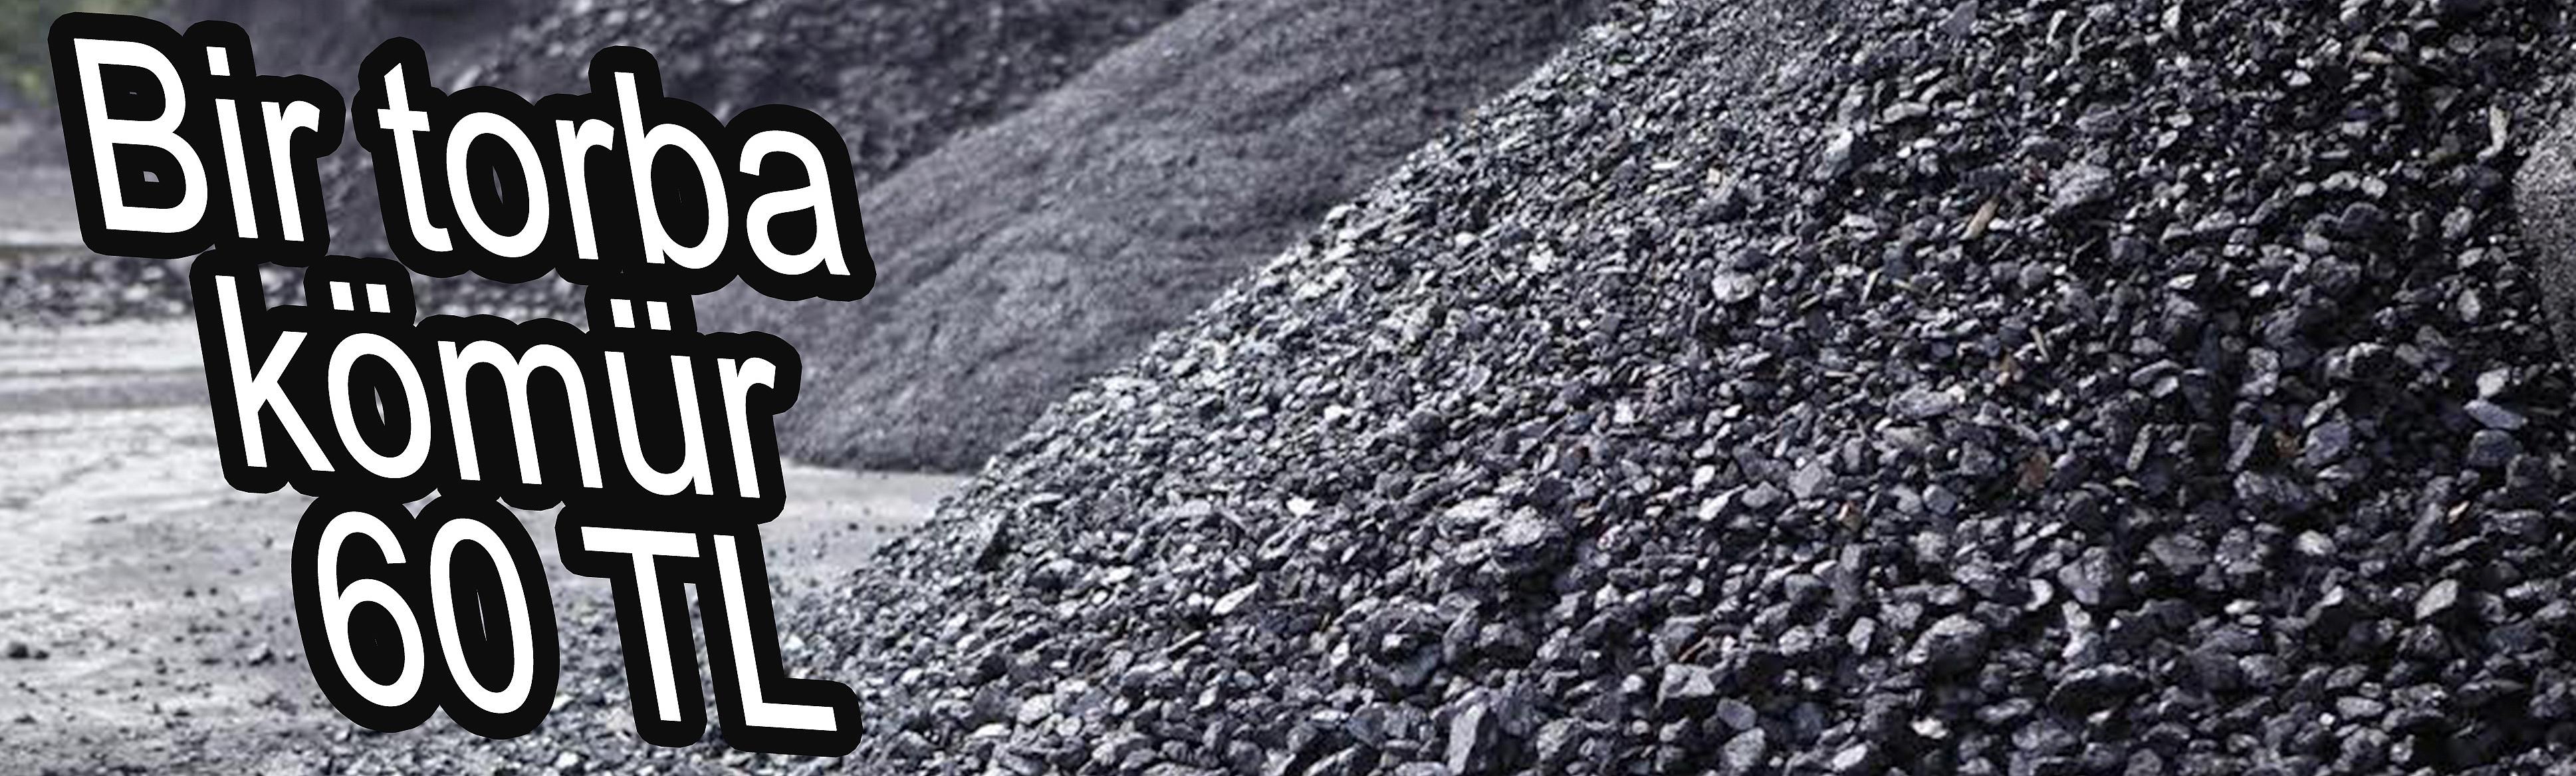 Bir torba kömür 60 TL